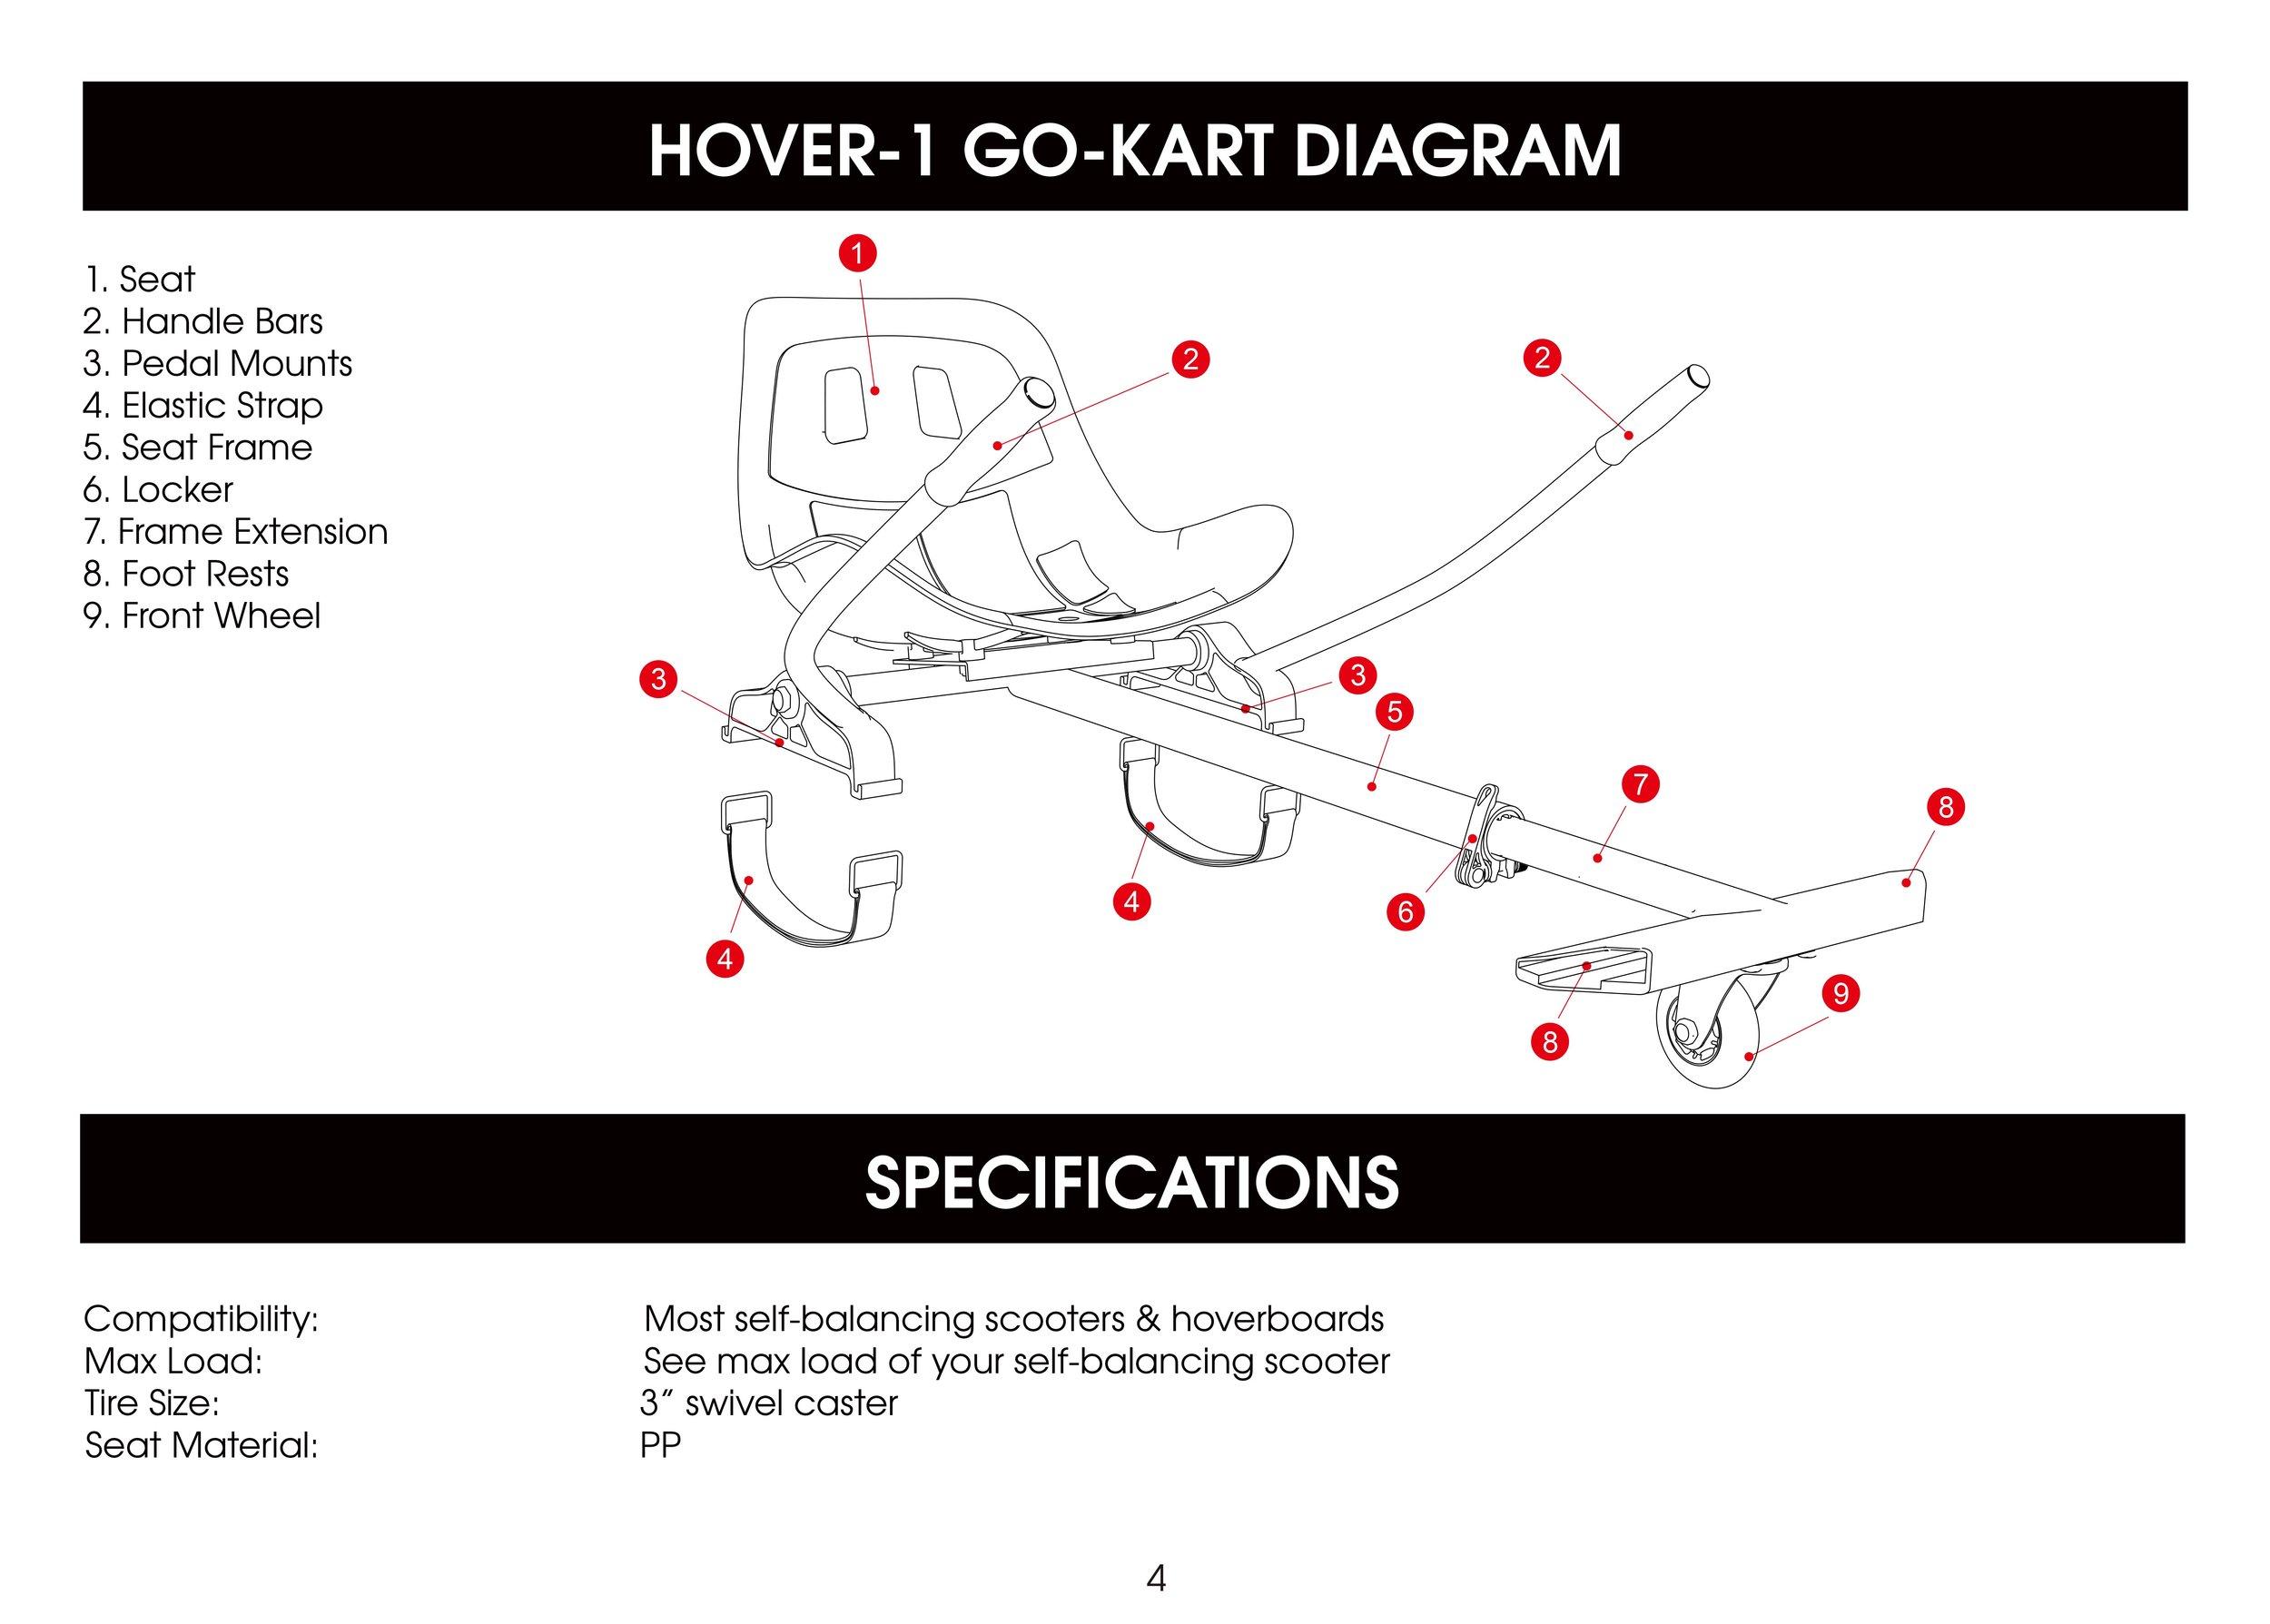 HY-BGY-CMB-Kart-Manual_20170905 5.jpg